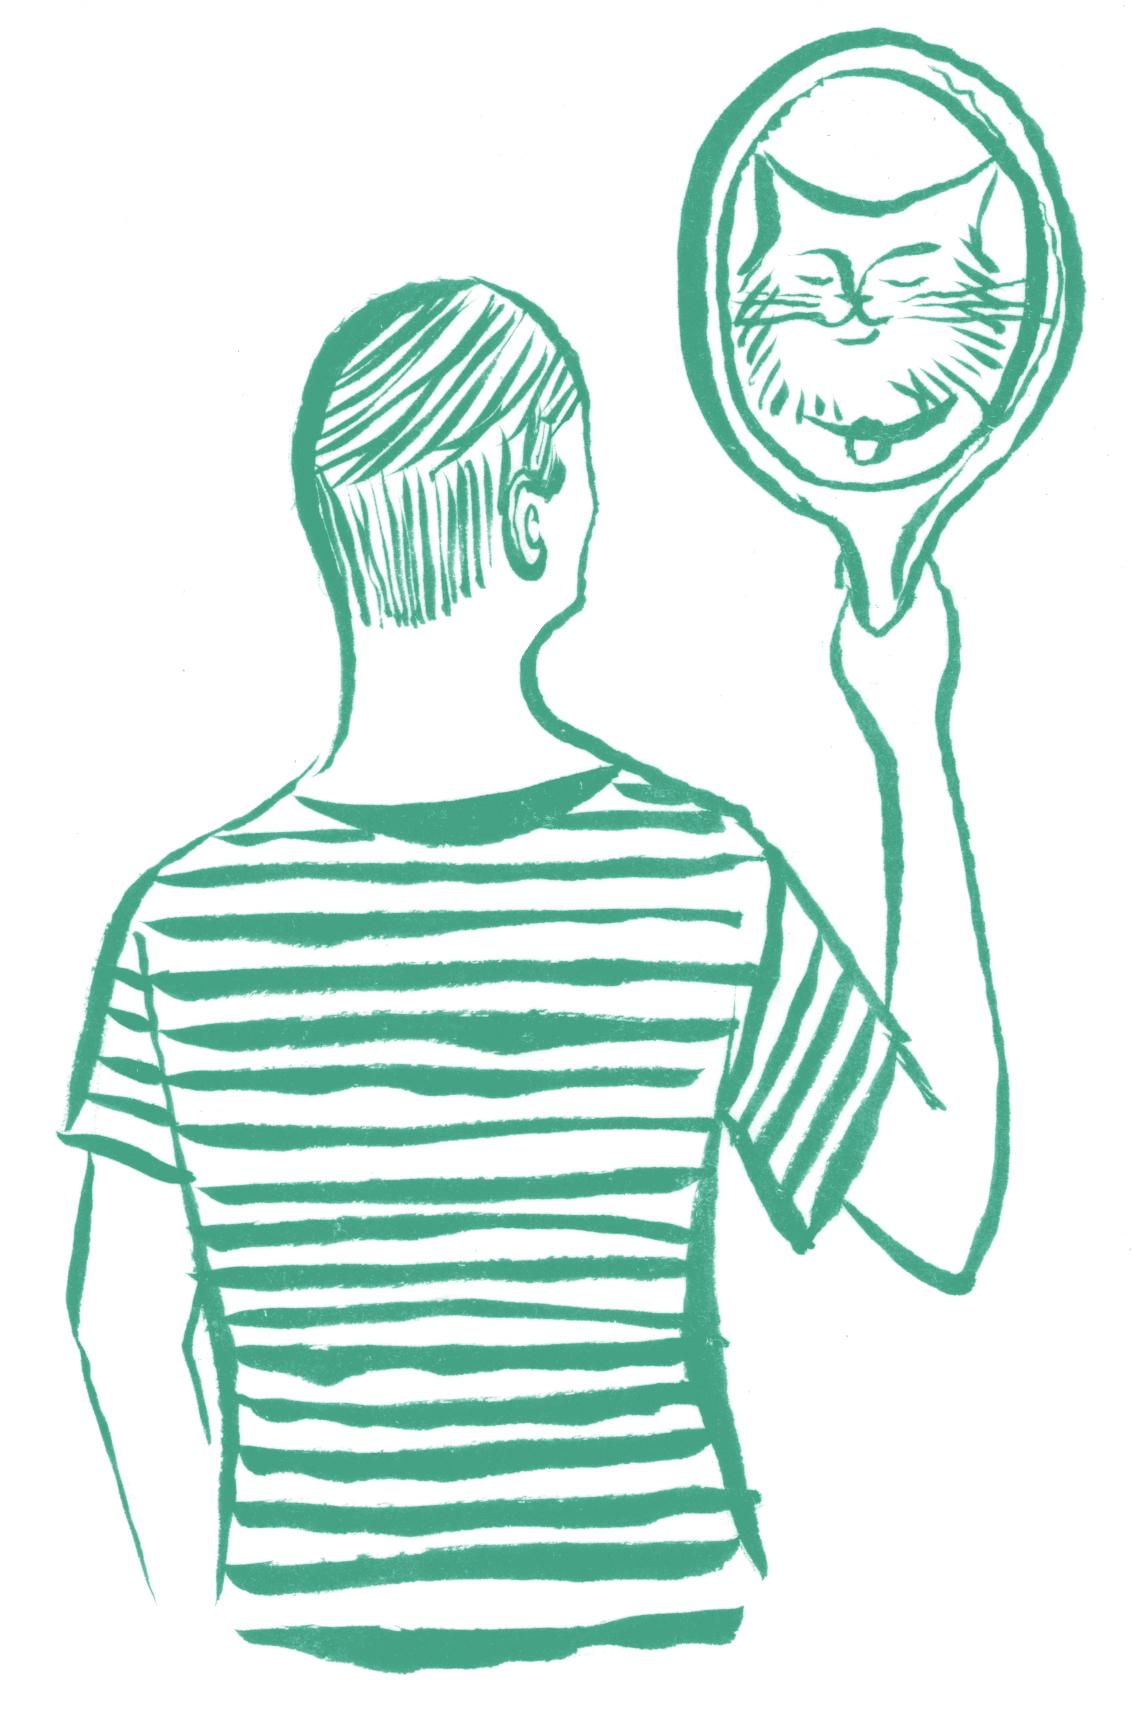 ocam_mirror_man_spot.jpg